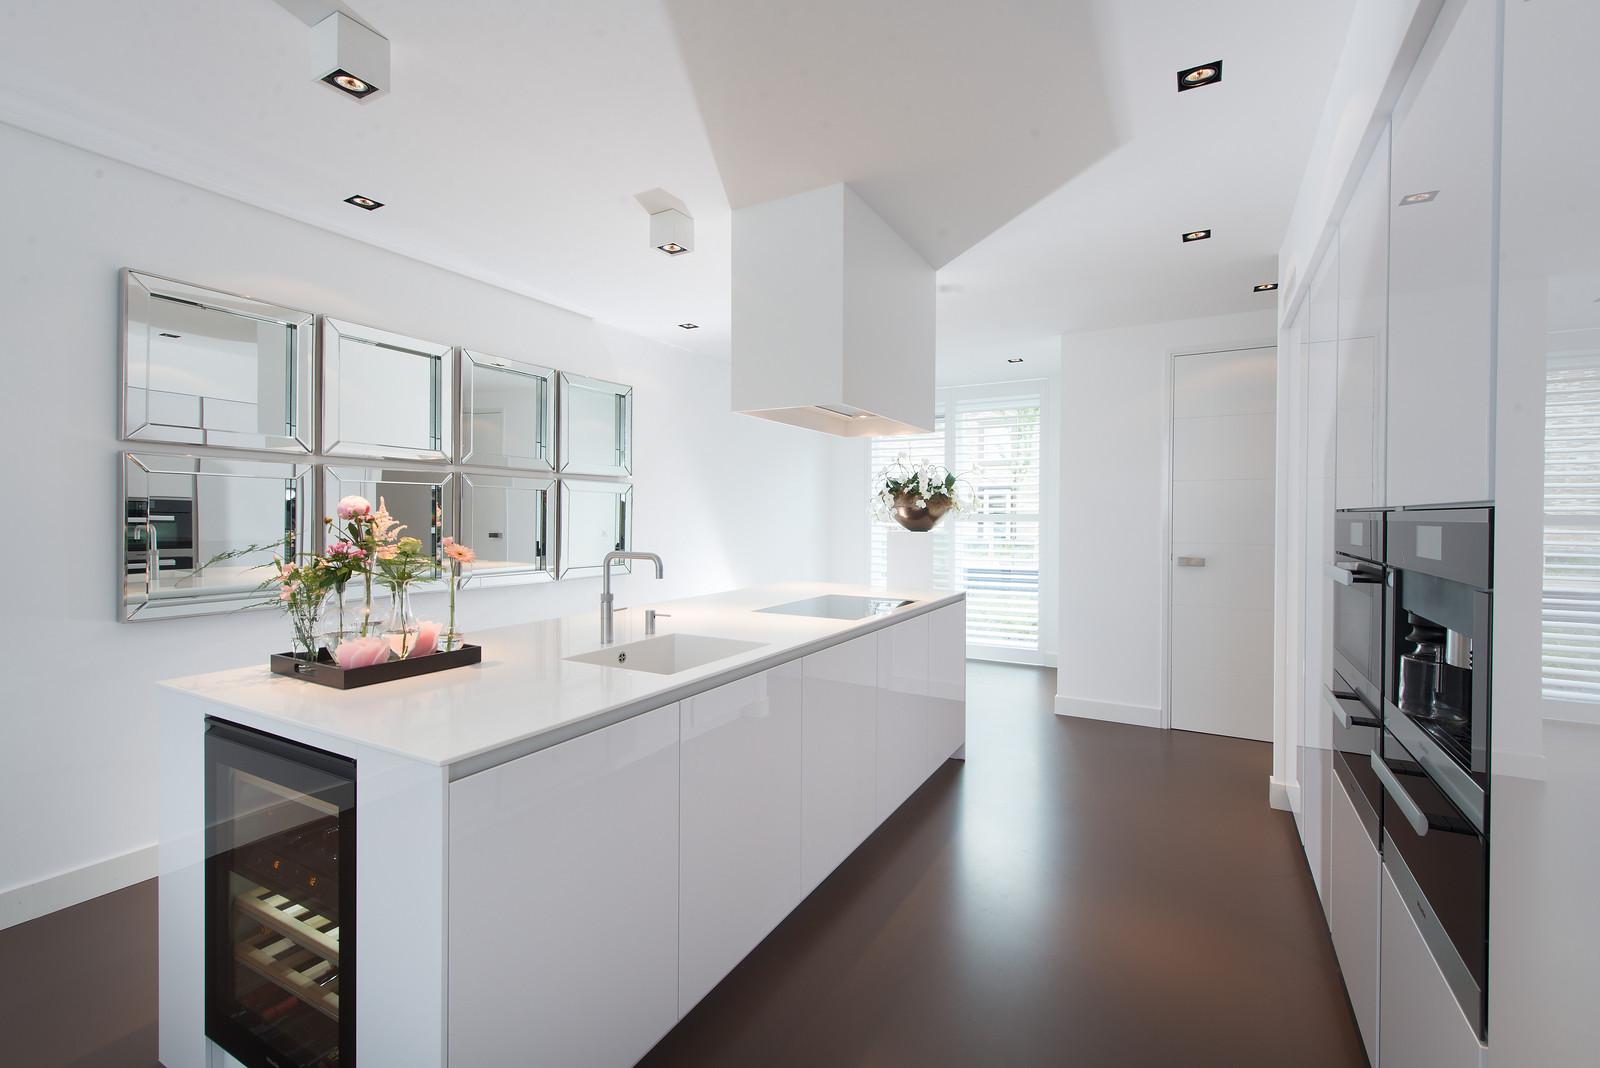 New Kookeilanden - UW-keuken.nl &RO34